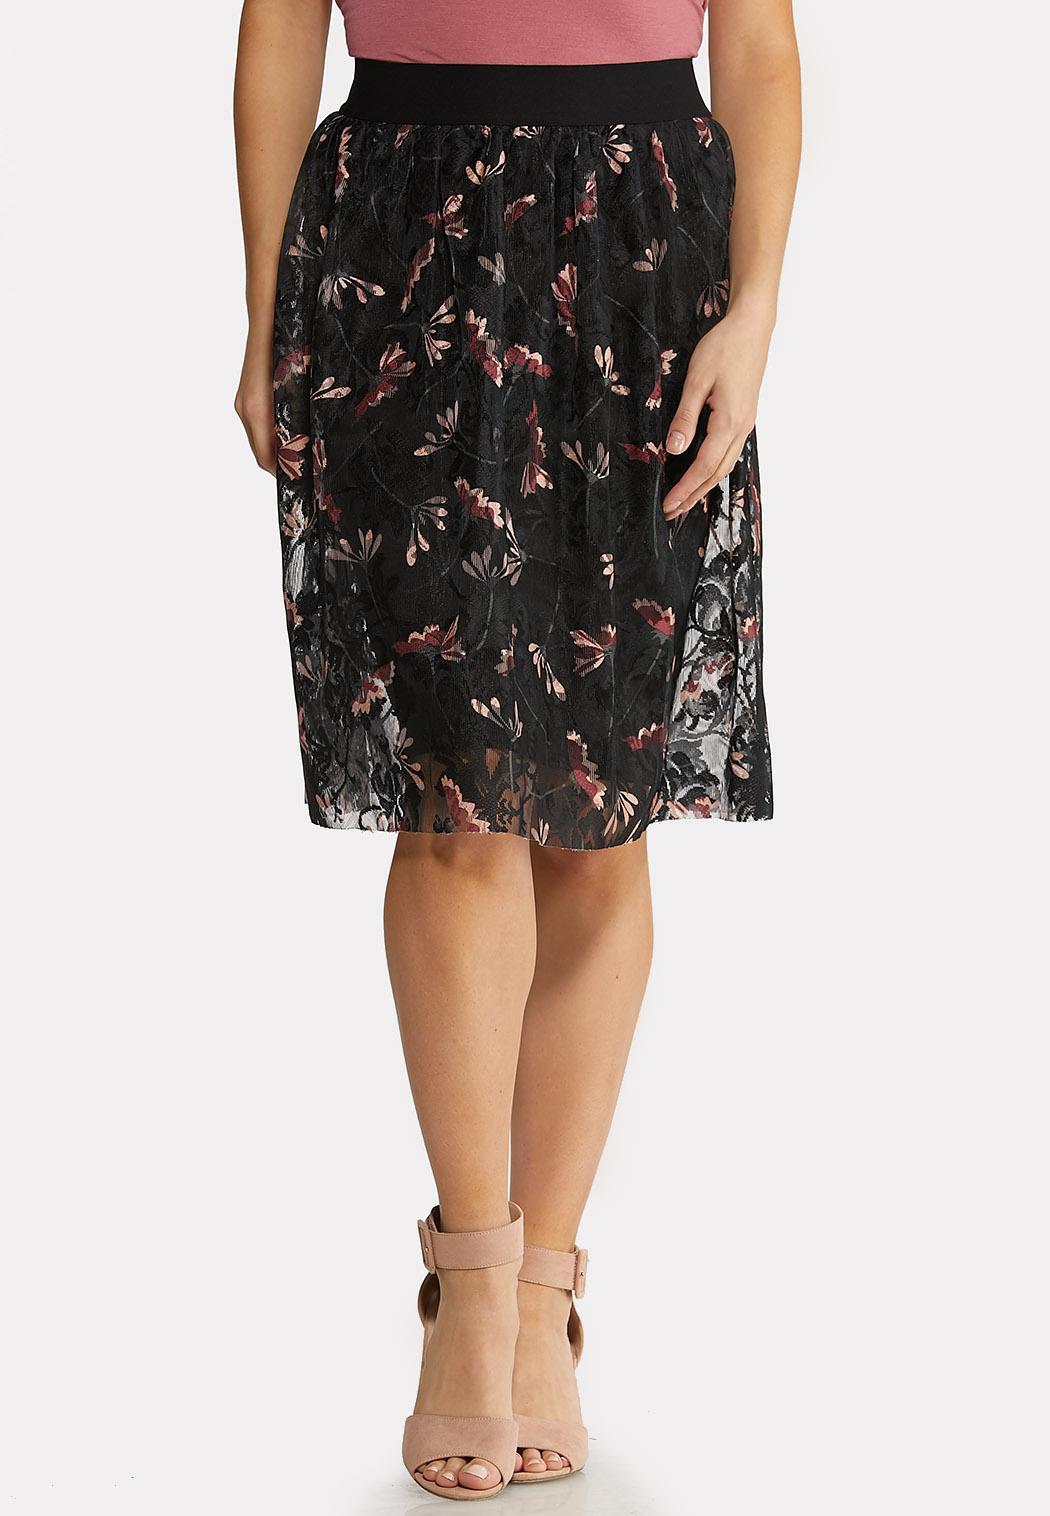 Plus Size Floral Lace Skirt